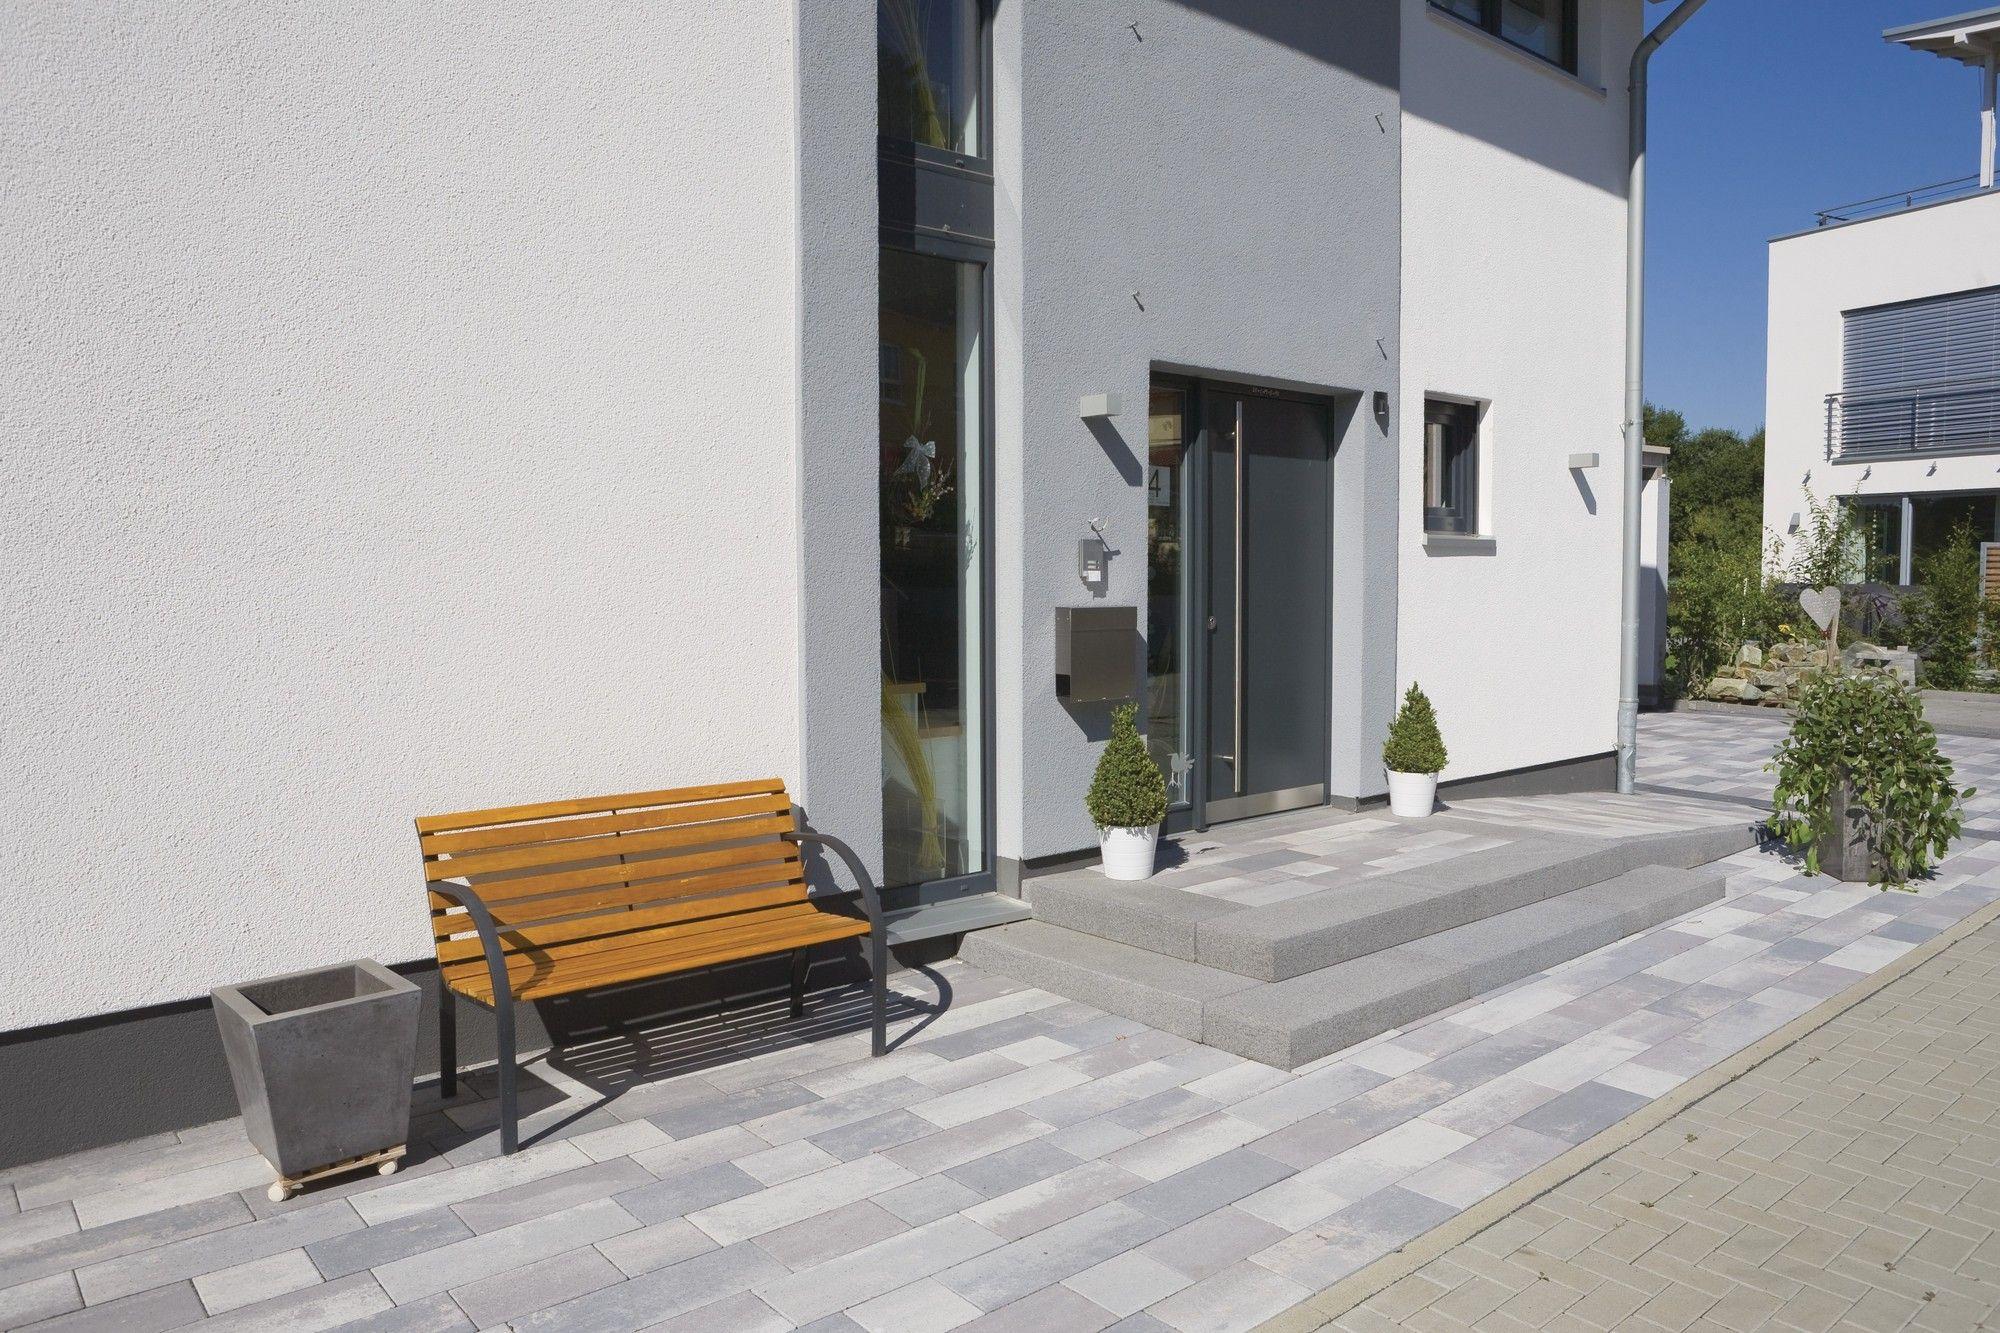 blockstufen sofort ab lager lieferbar von rinn betonsteine. Black Bedroom Furniture Sets. Home Design Ideas